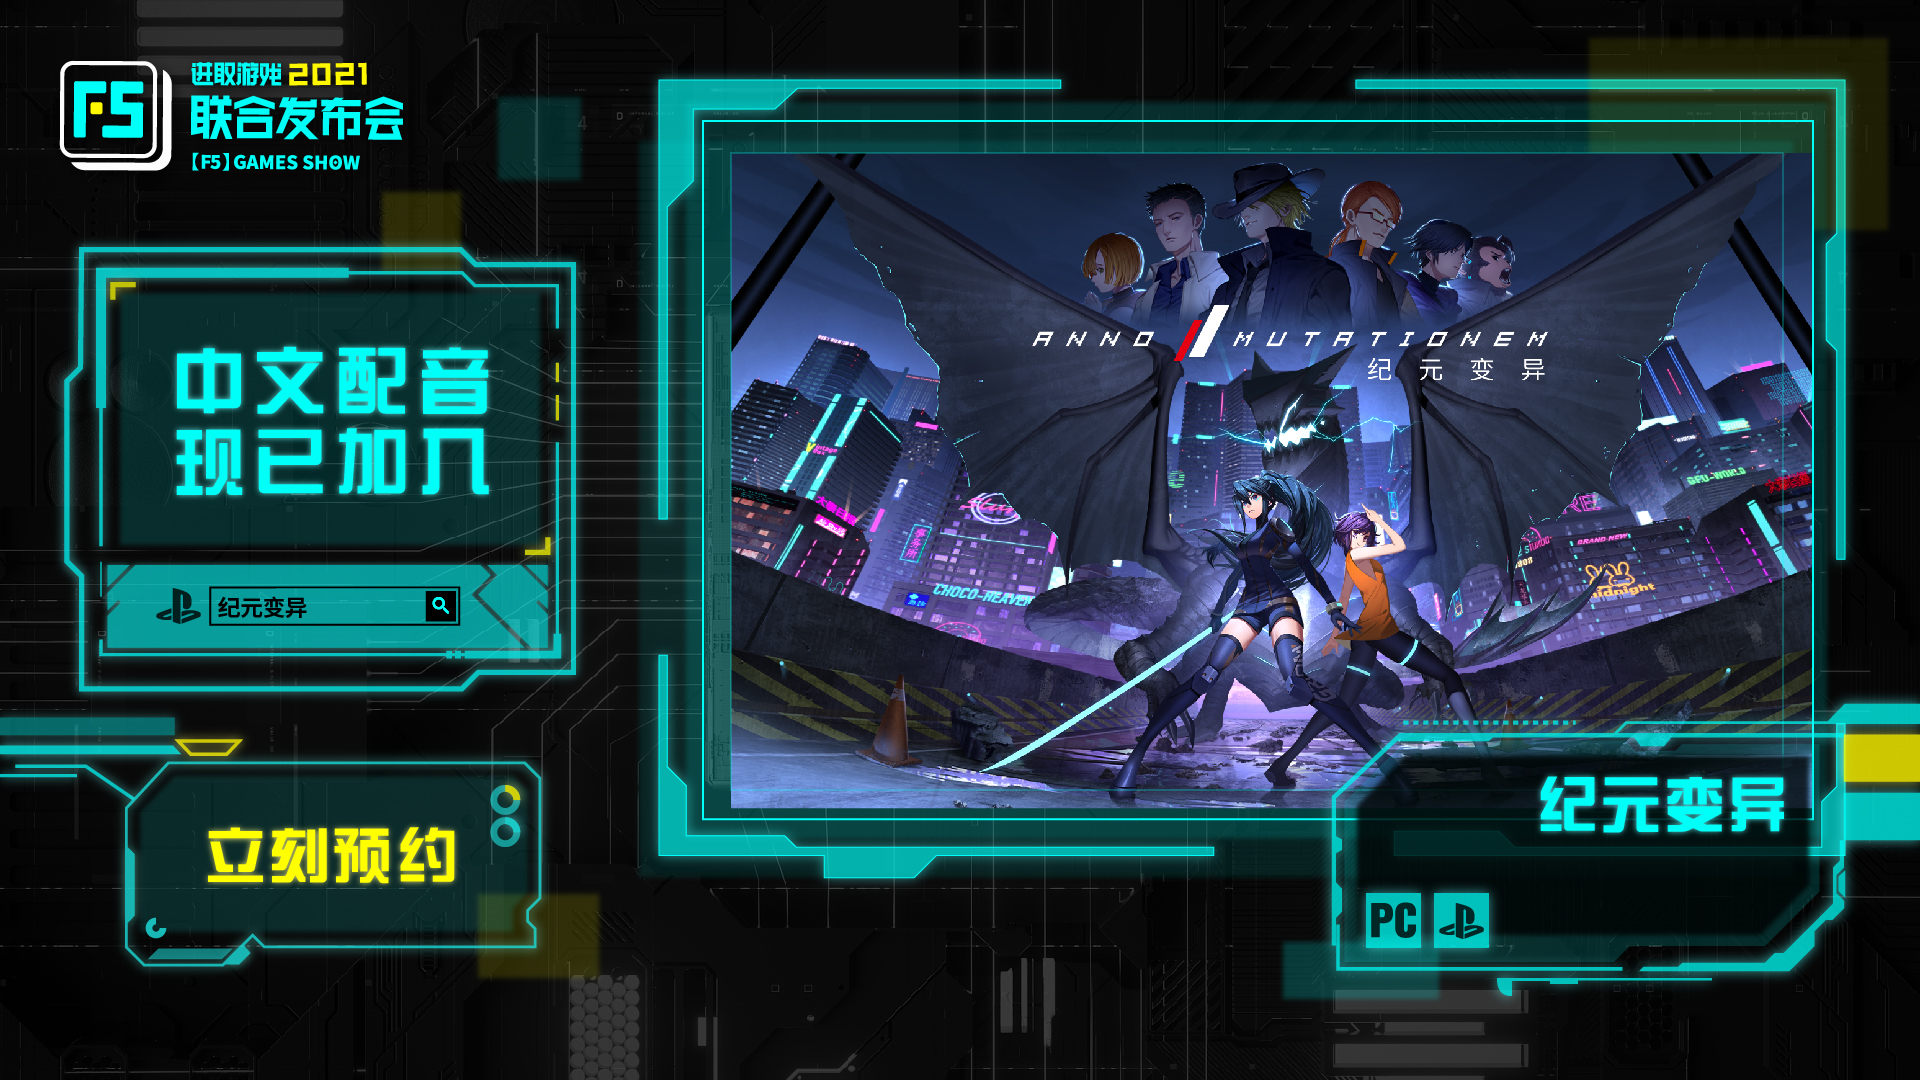 《临终:1983》和《纪元变异》新预告片发布 后者已加入中文配音